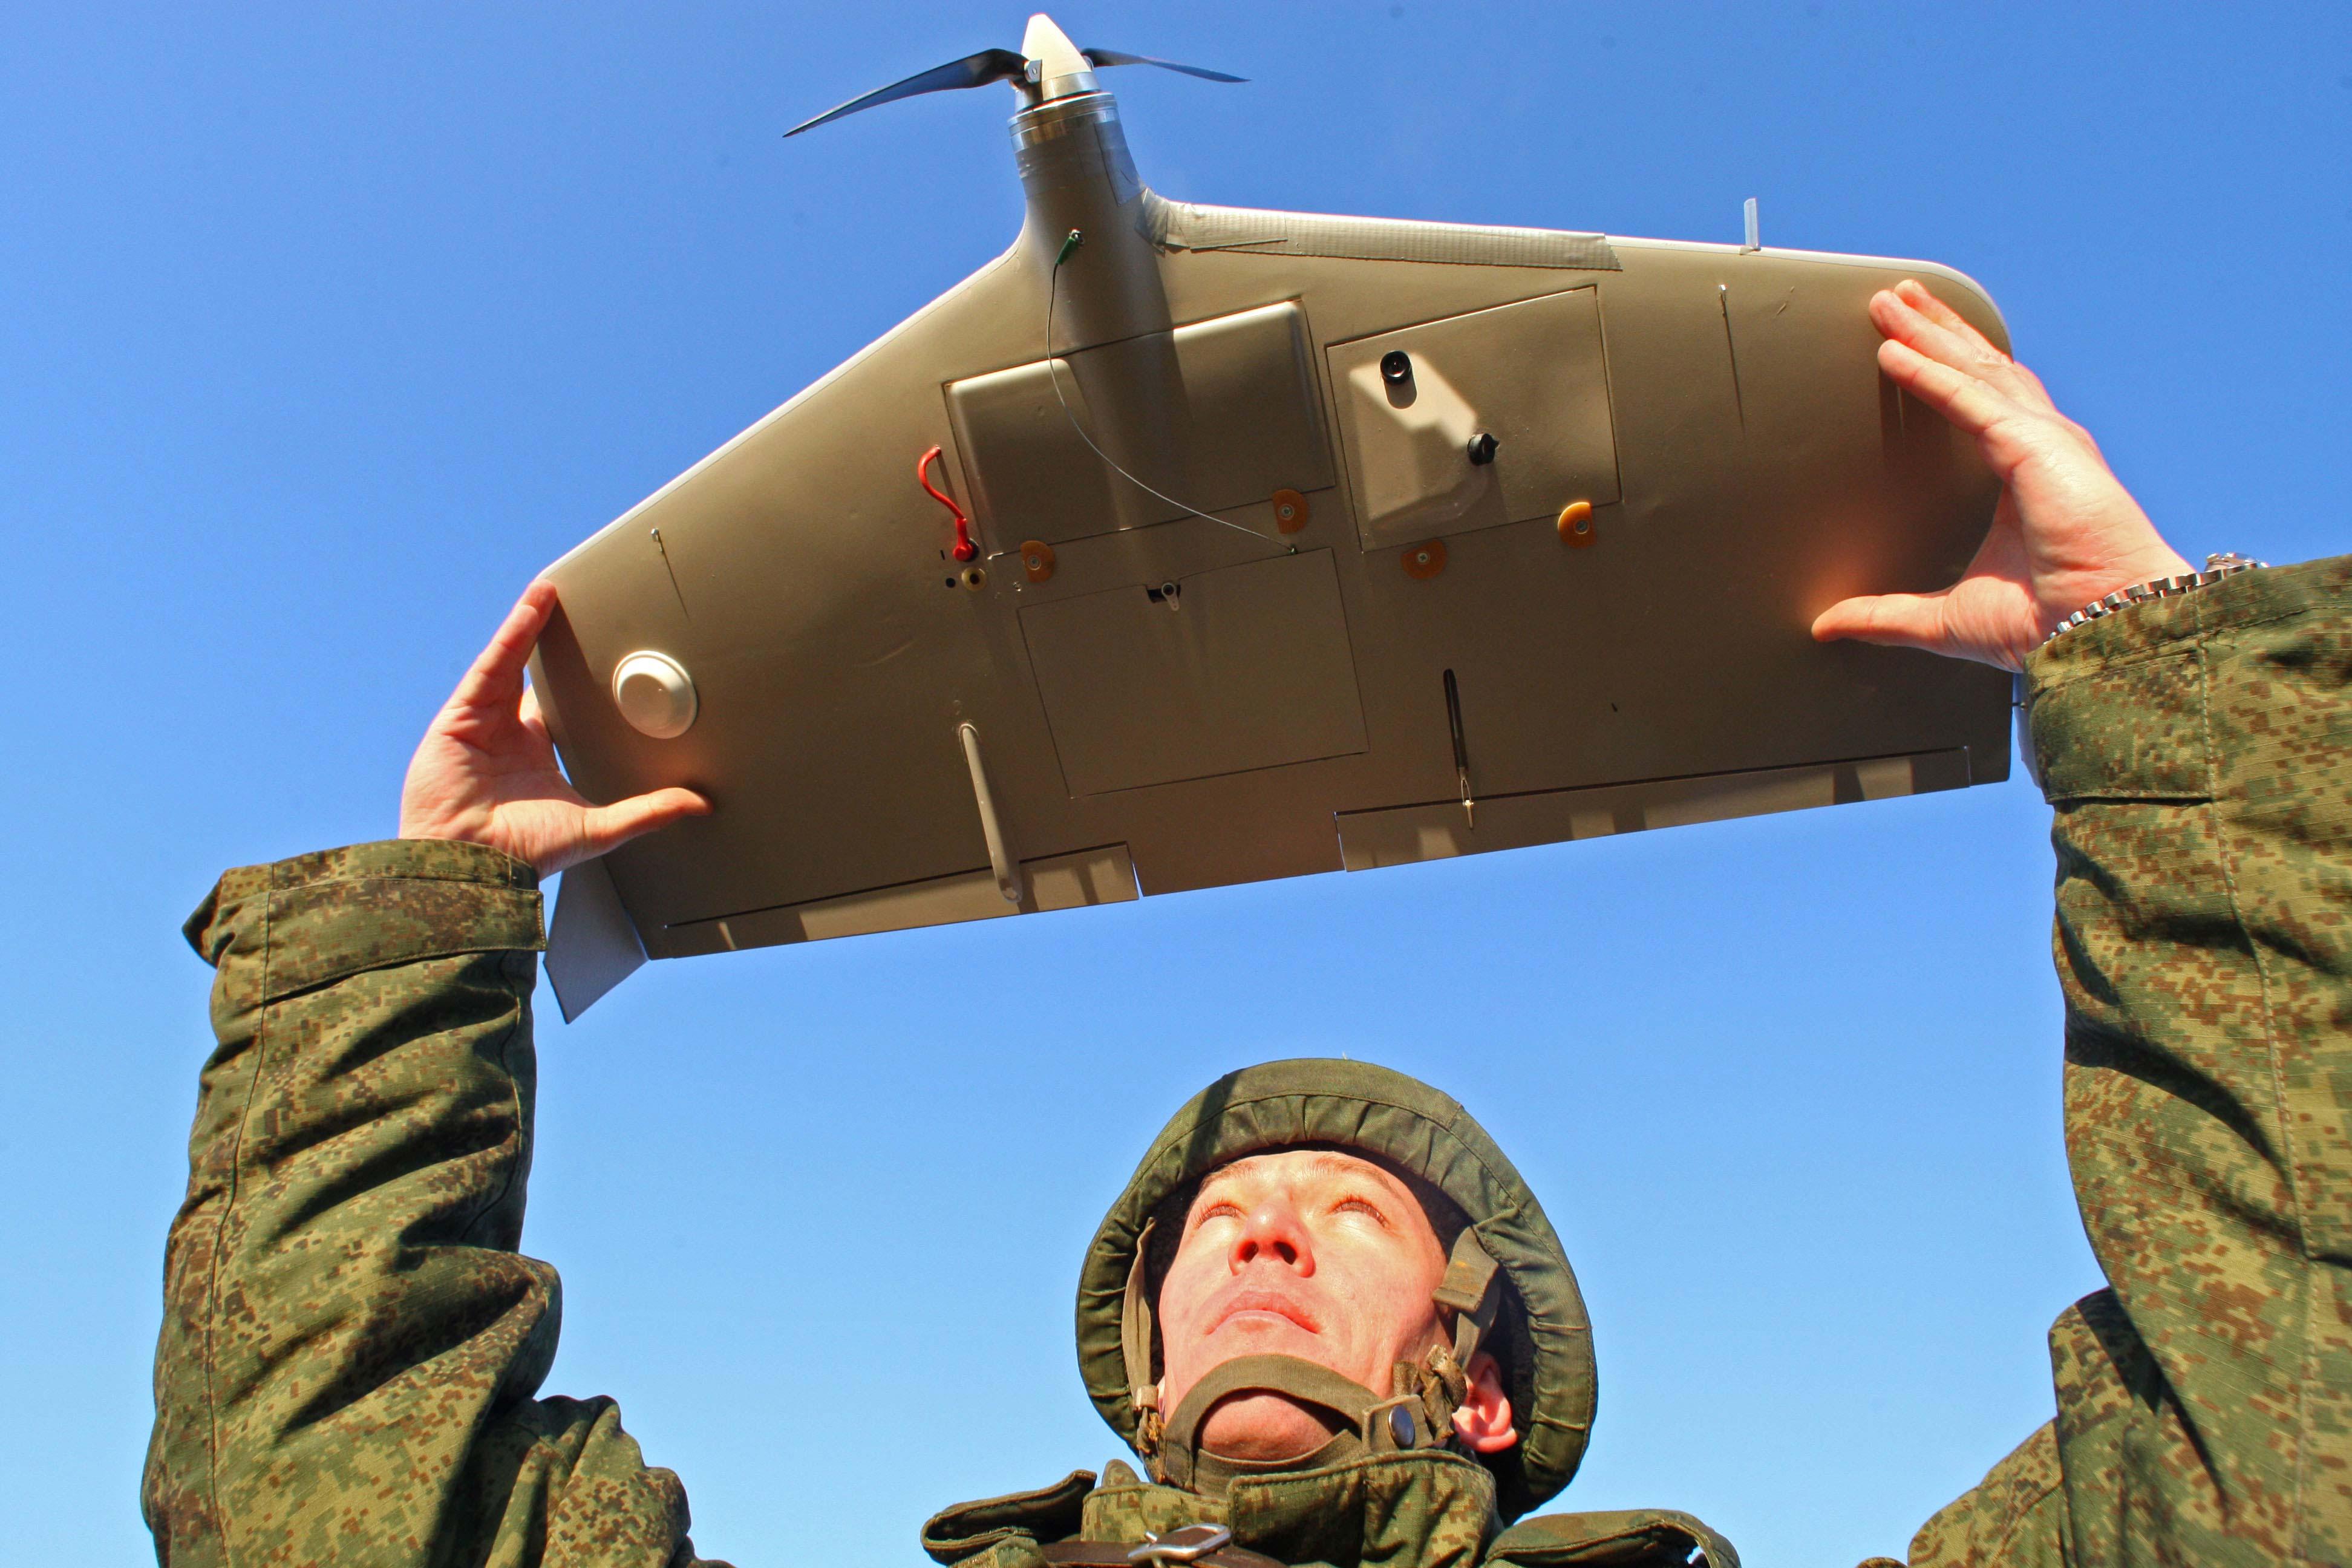 В началото на 2014 година Министерството на отбраната заяви намеренията си да похарчи около 320 милиарда рубли (около 5 млрд. евро) за обзавеждане на въоръжените сили с безпилотни летателни апарати.